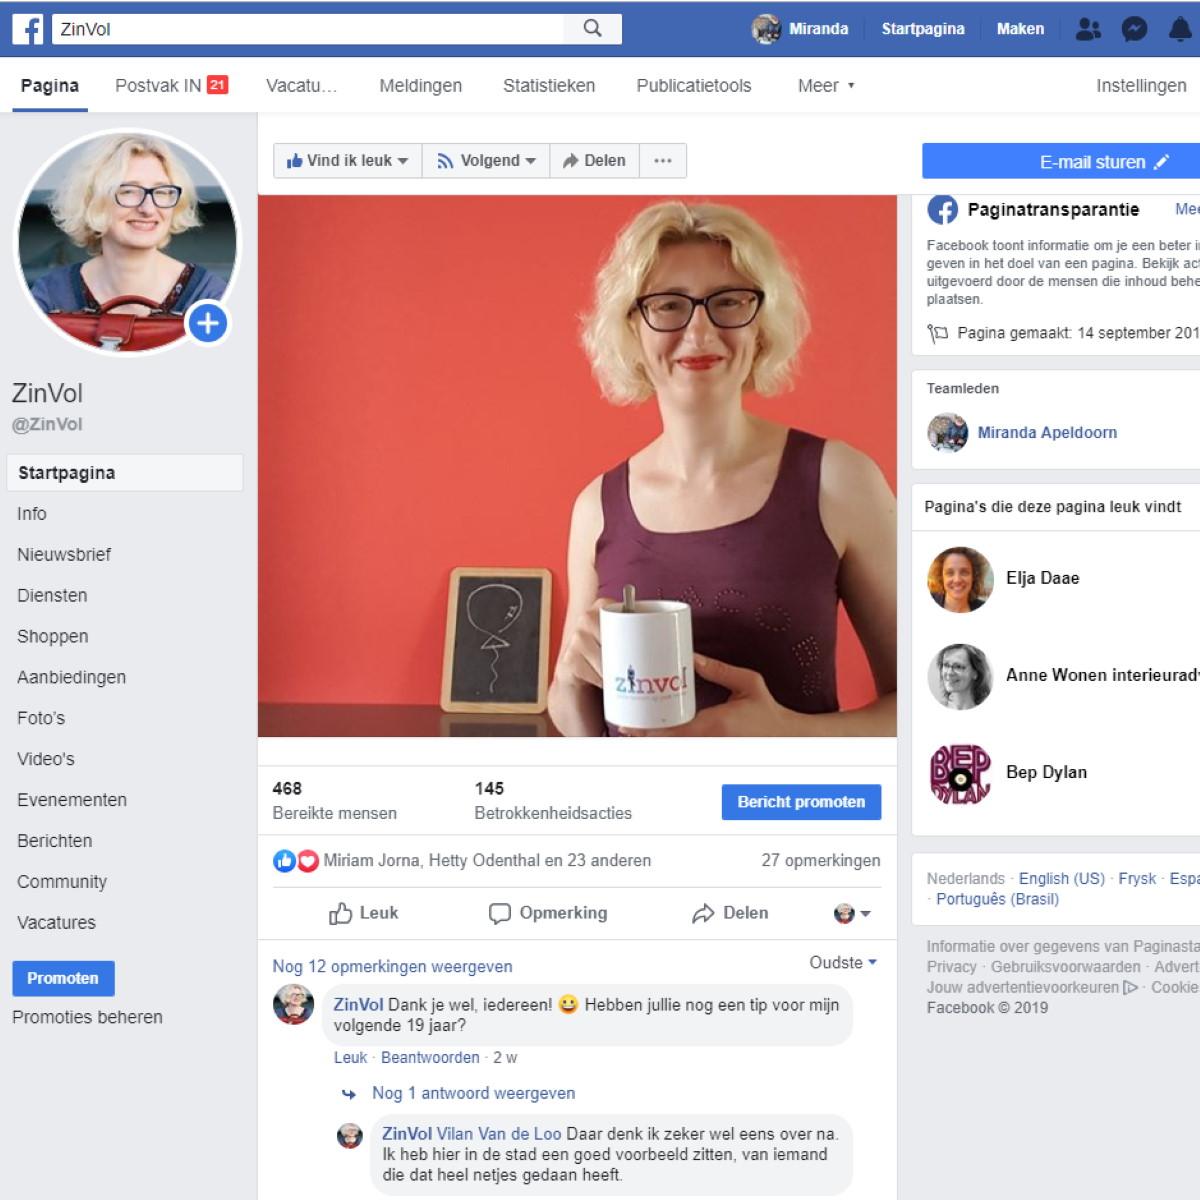 """Foto bij het blog """"Hartmassage voor je zieltogende Facebook-pagina"""" - ZinVol (Nuchtere ondernemerscoaching)."""